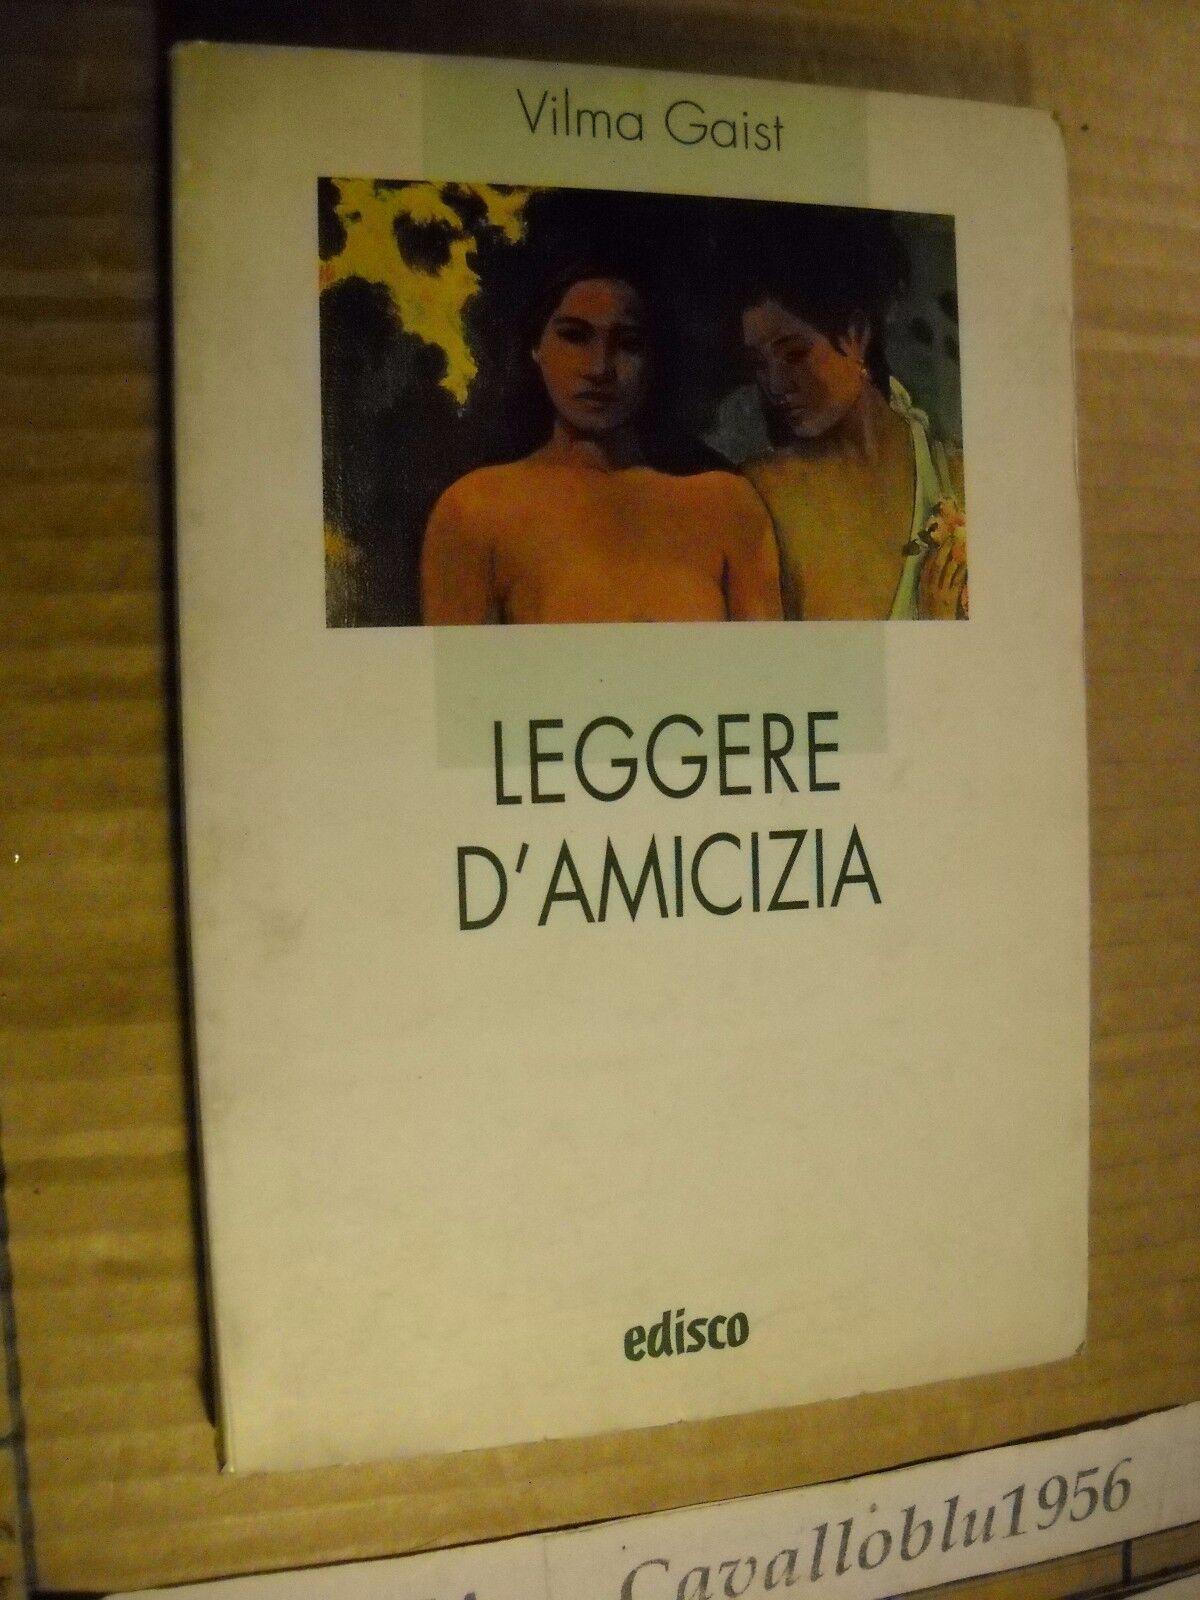 LIBRO - LEGGERE D'AMICIZIA - V. GAIST - EDISCO - NUOVO MA